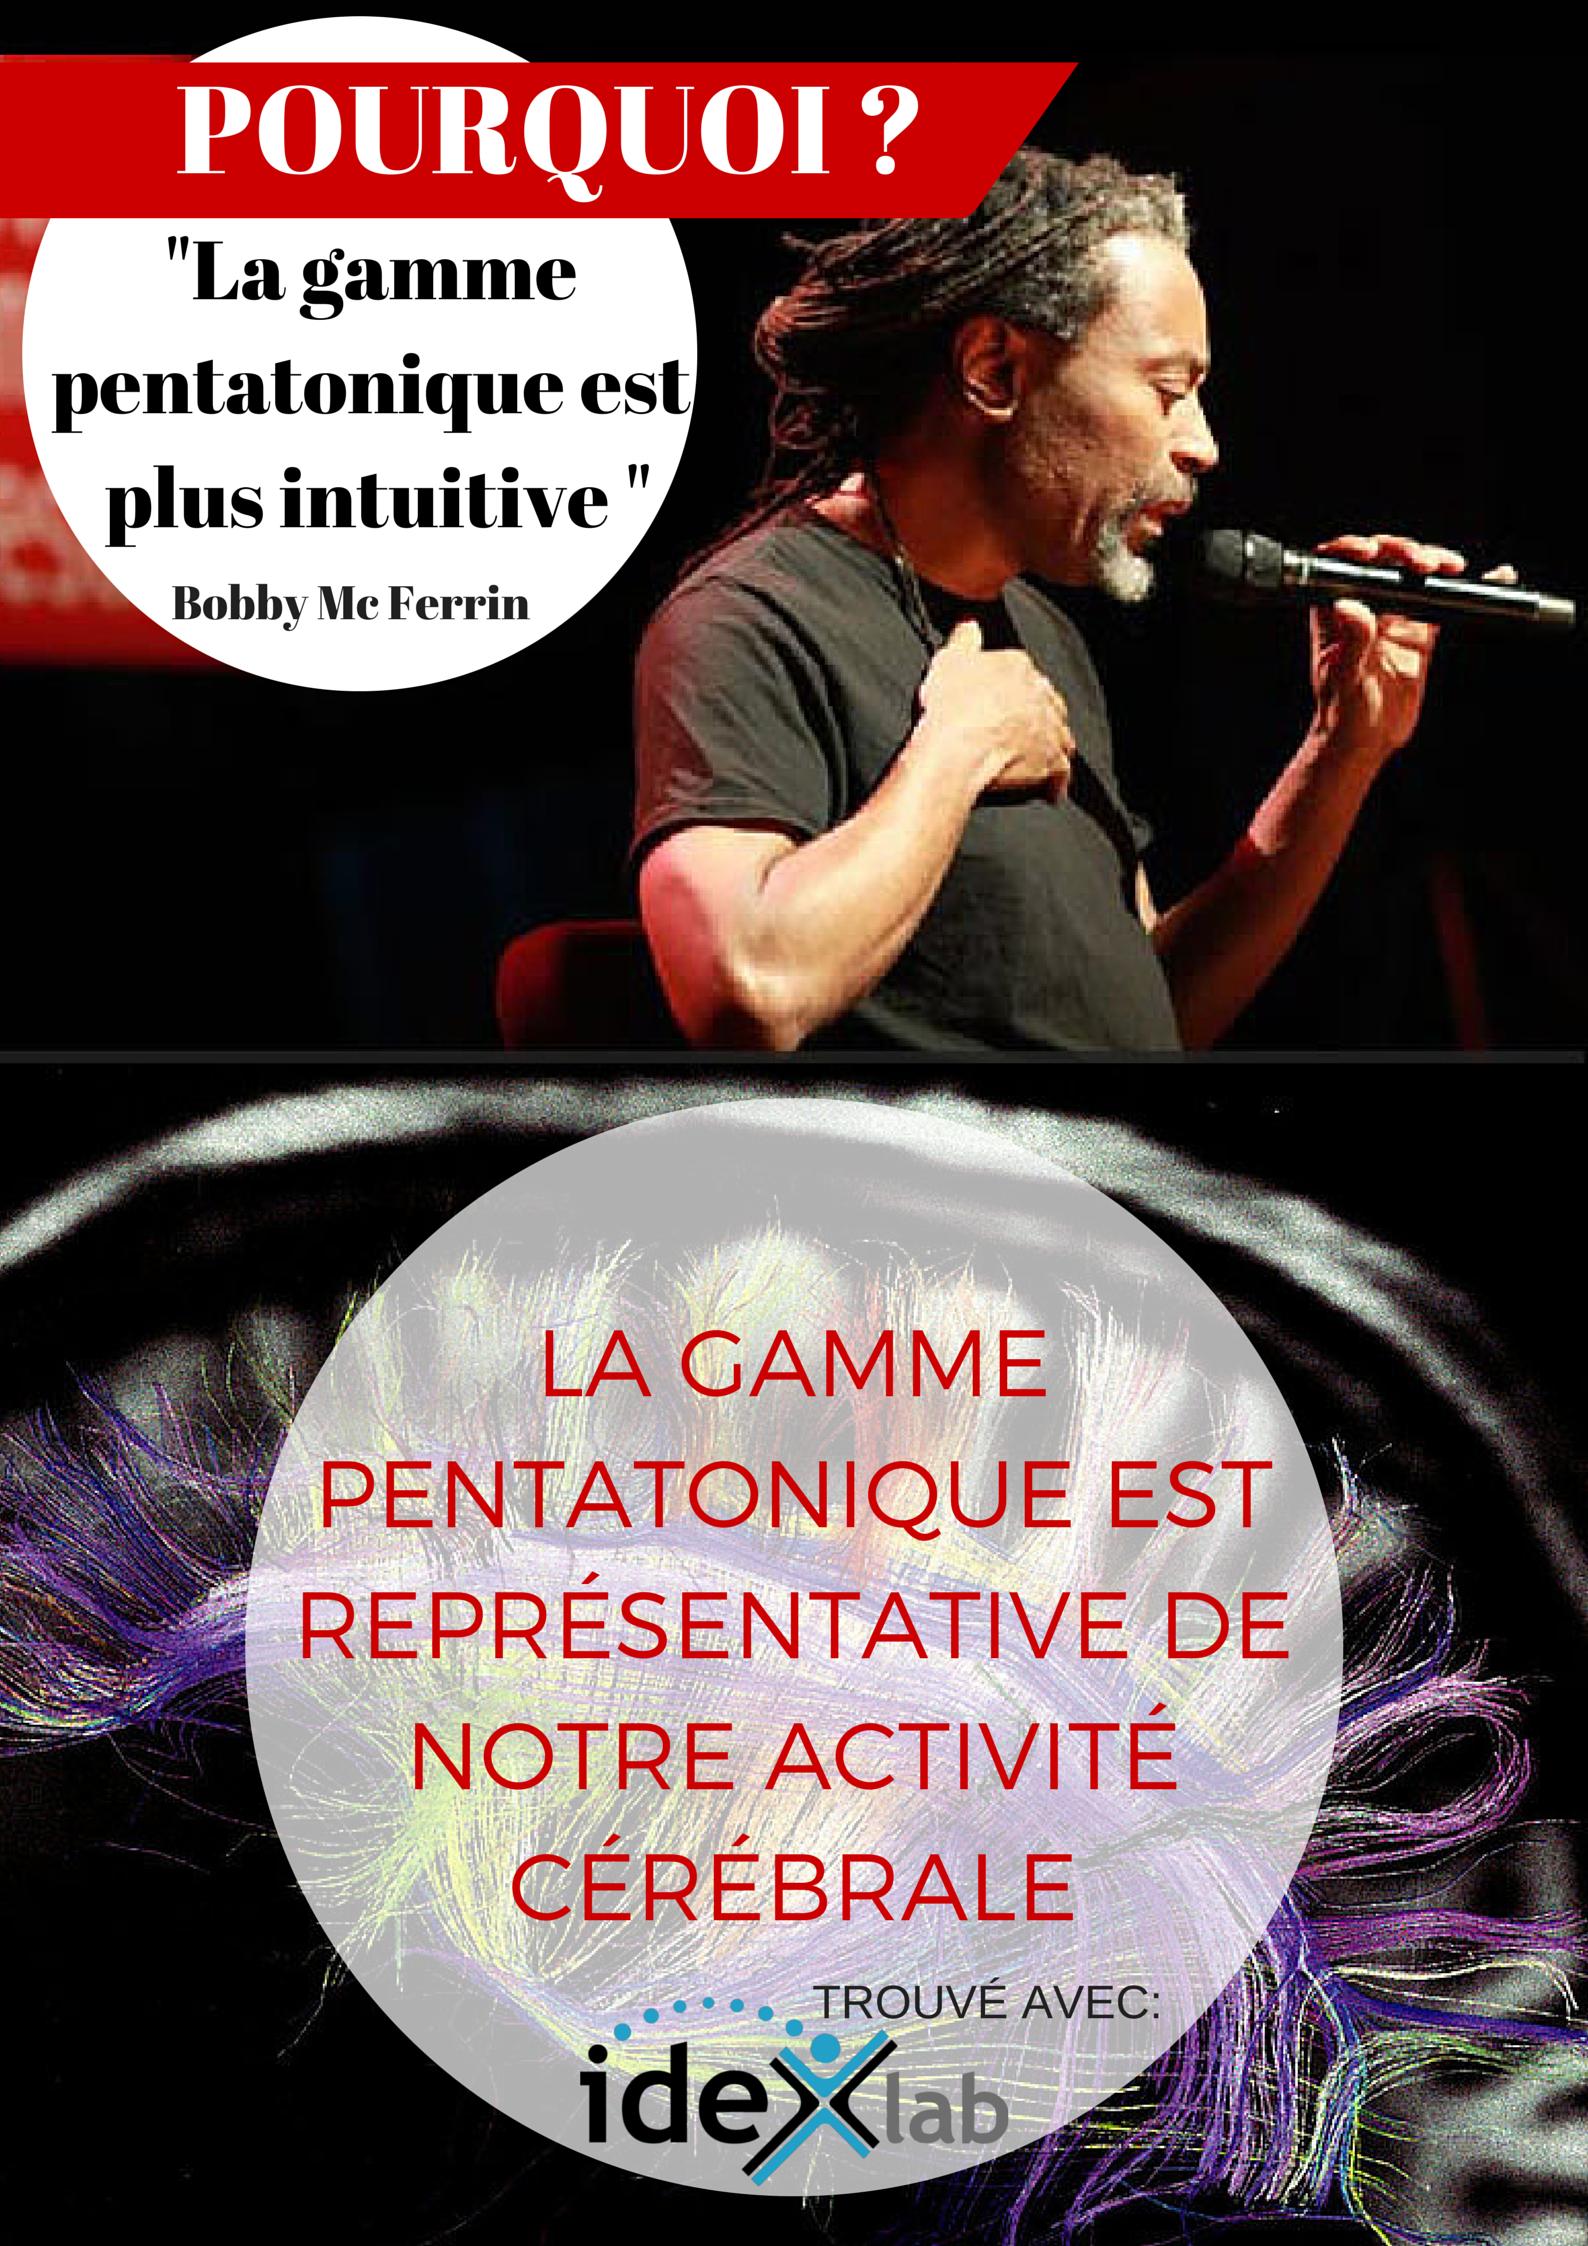 infographie science gamme pentatonique idexlab musique cerveau